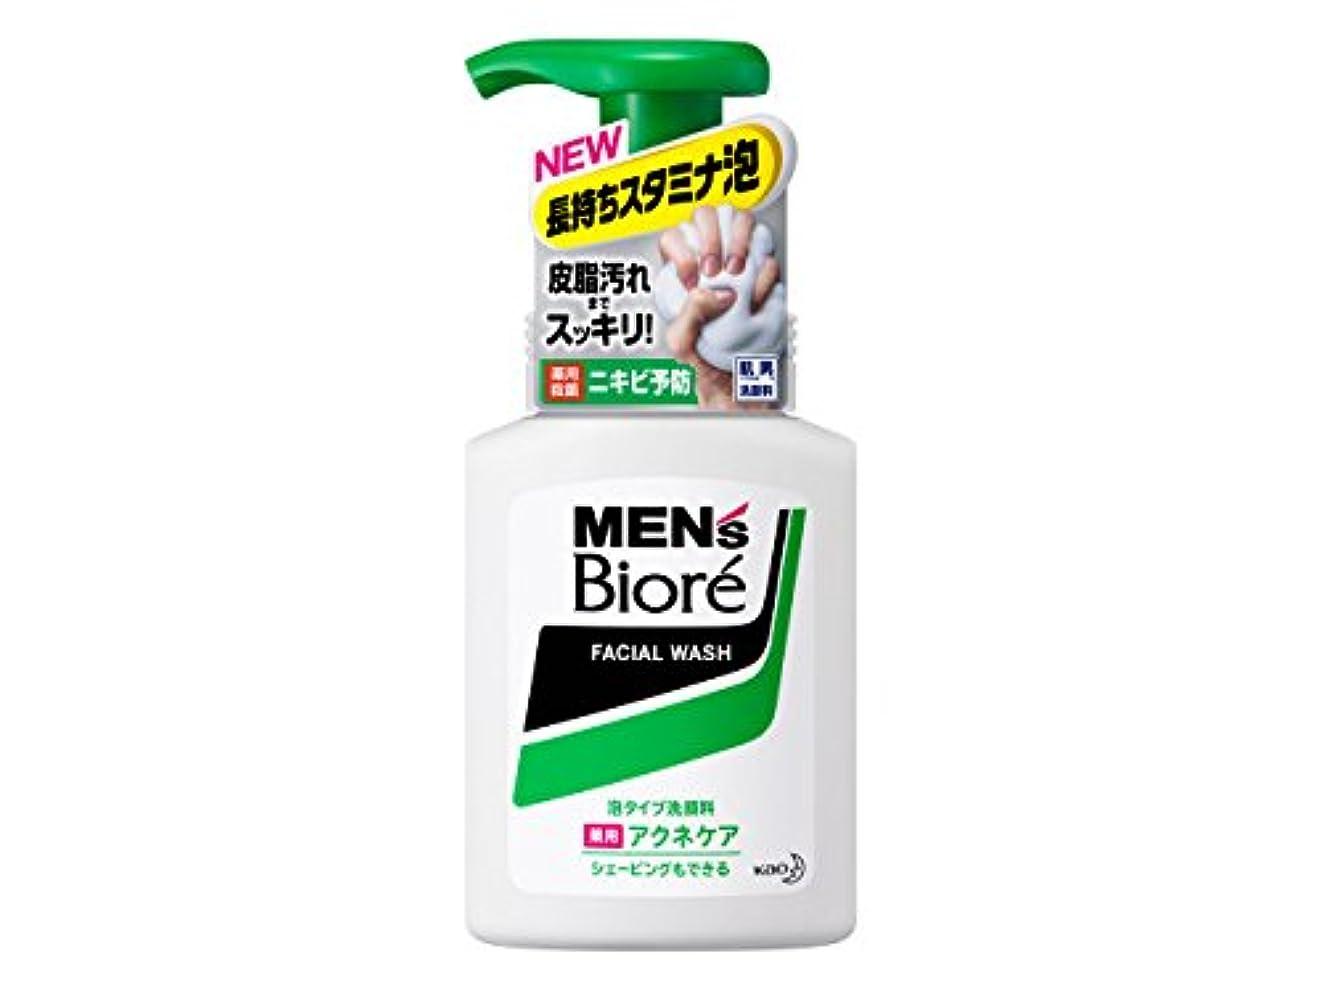 臭い責任後世【まとめ買い】メンズビオレ 泡タイプ 薬用アクネケア 洗顔 本体 ×2セット